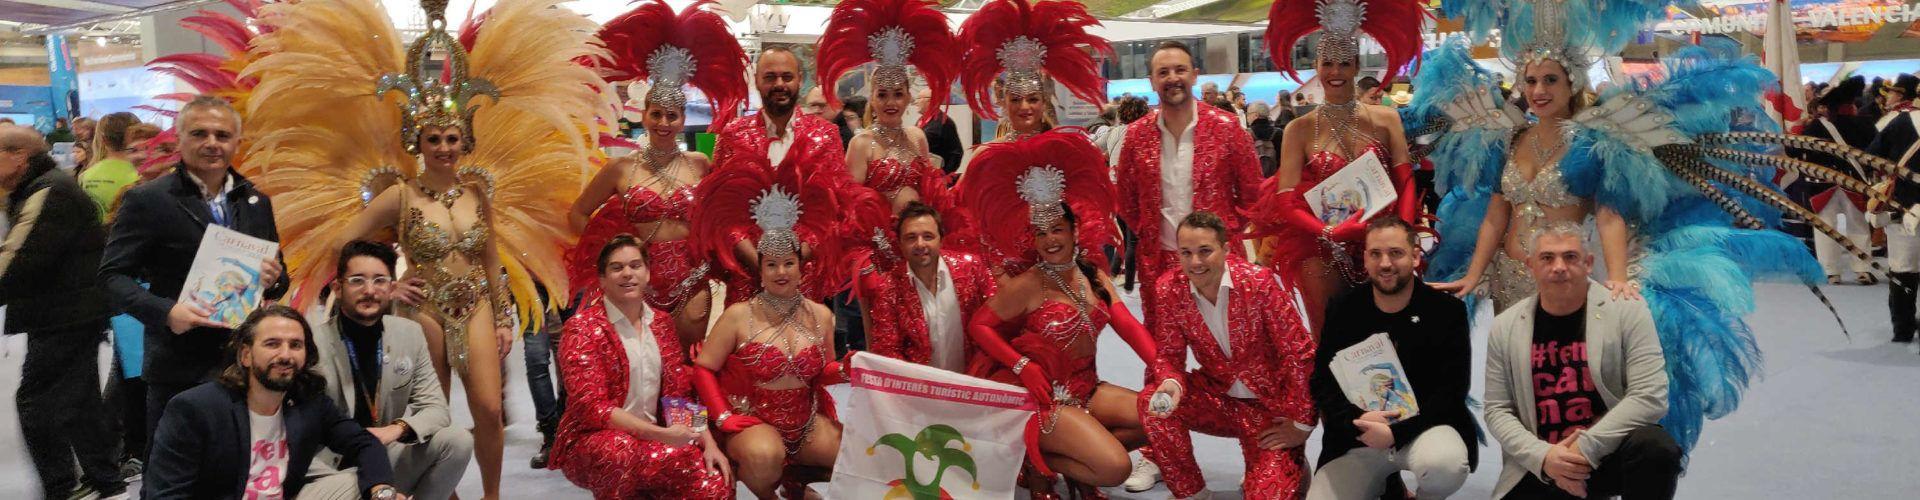 Vinaròs reinicia els tràmits perquè el Carnaval siga declarat Festa d'Interés Turístic Nacional